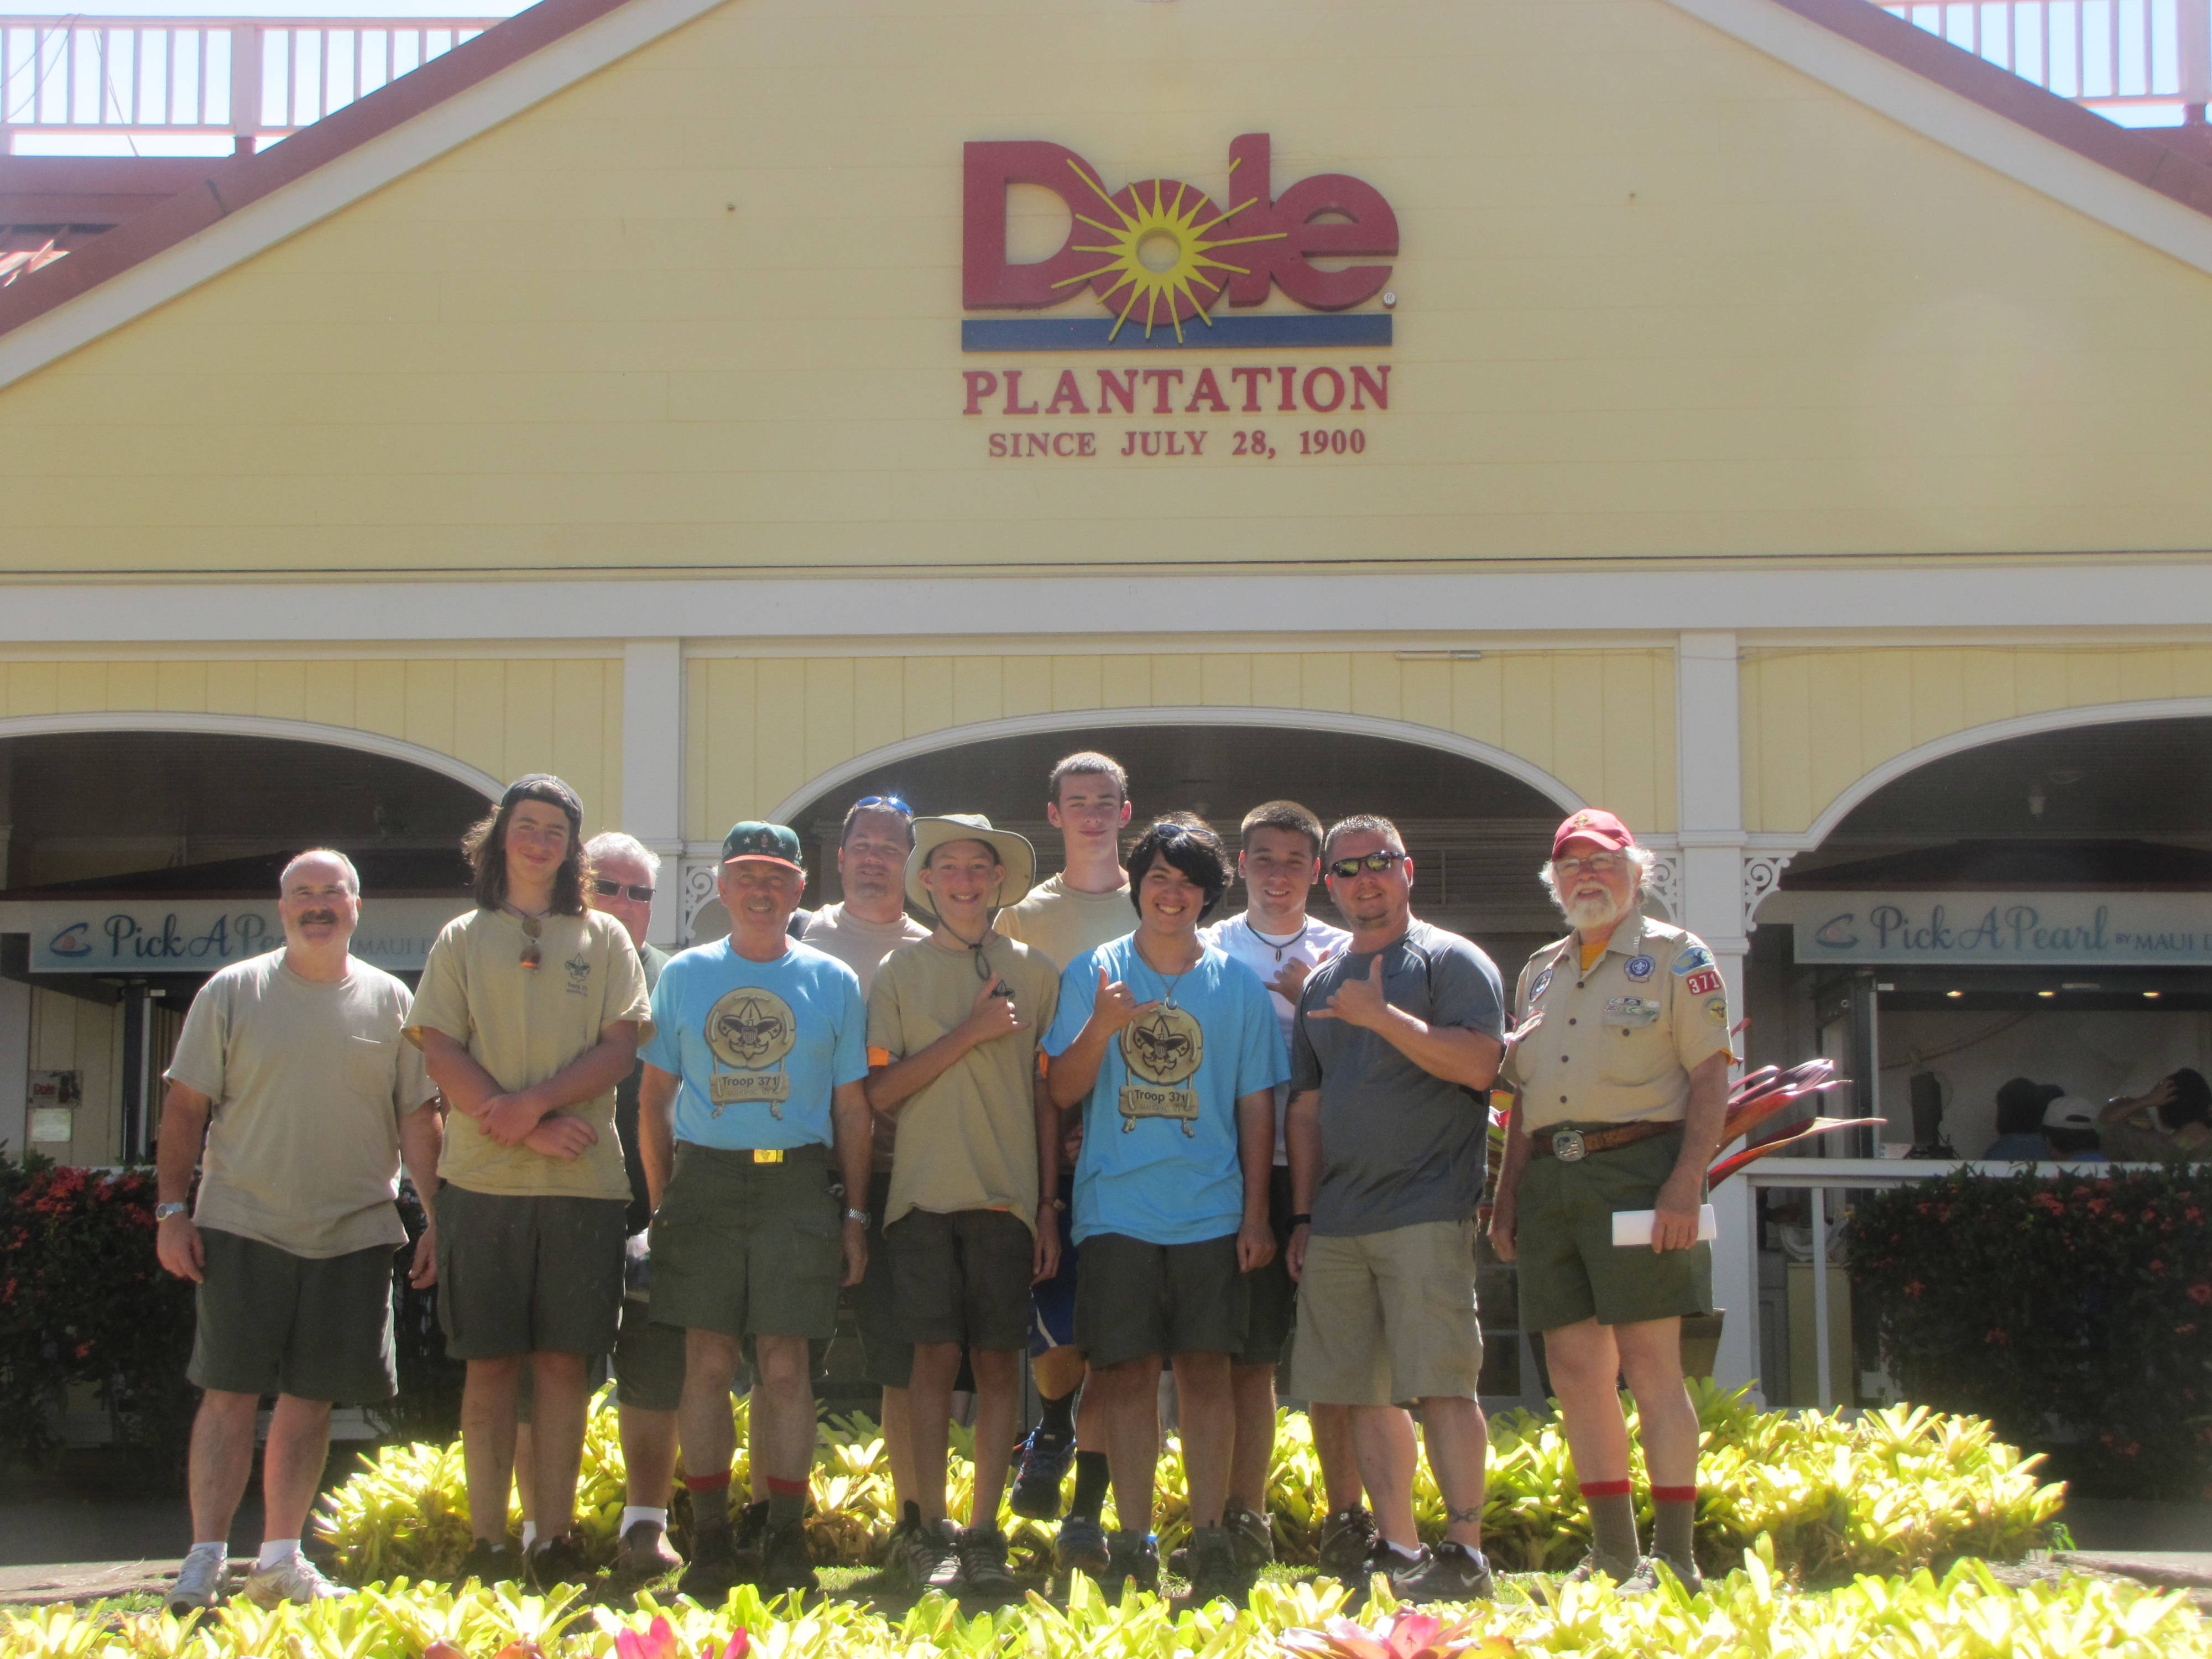 099a54a4f82b9c8cfb83_scouts_-_Dole_plantation.JPG